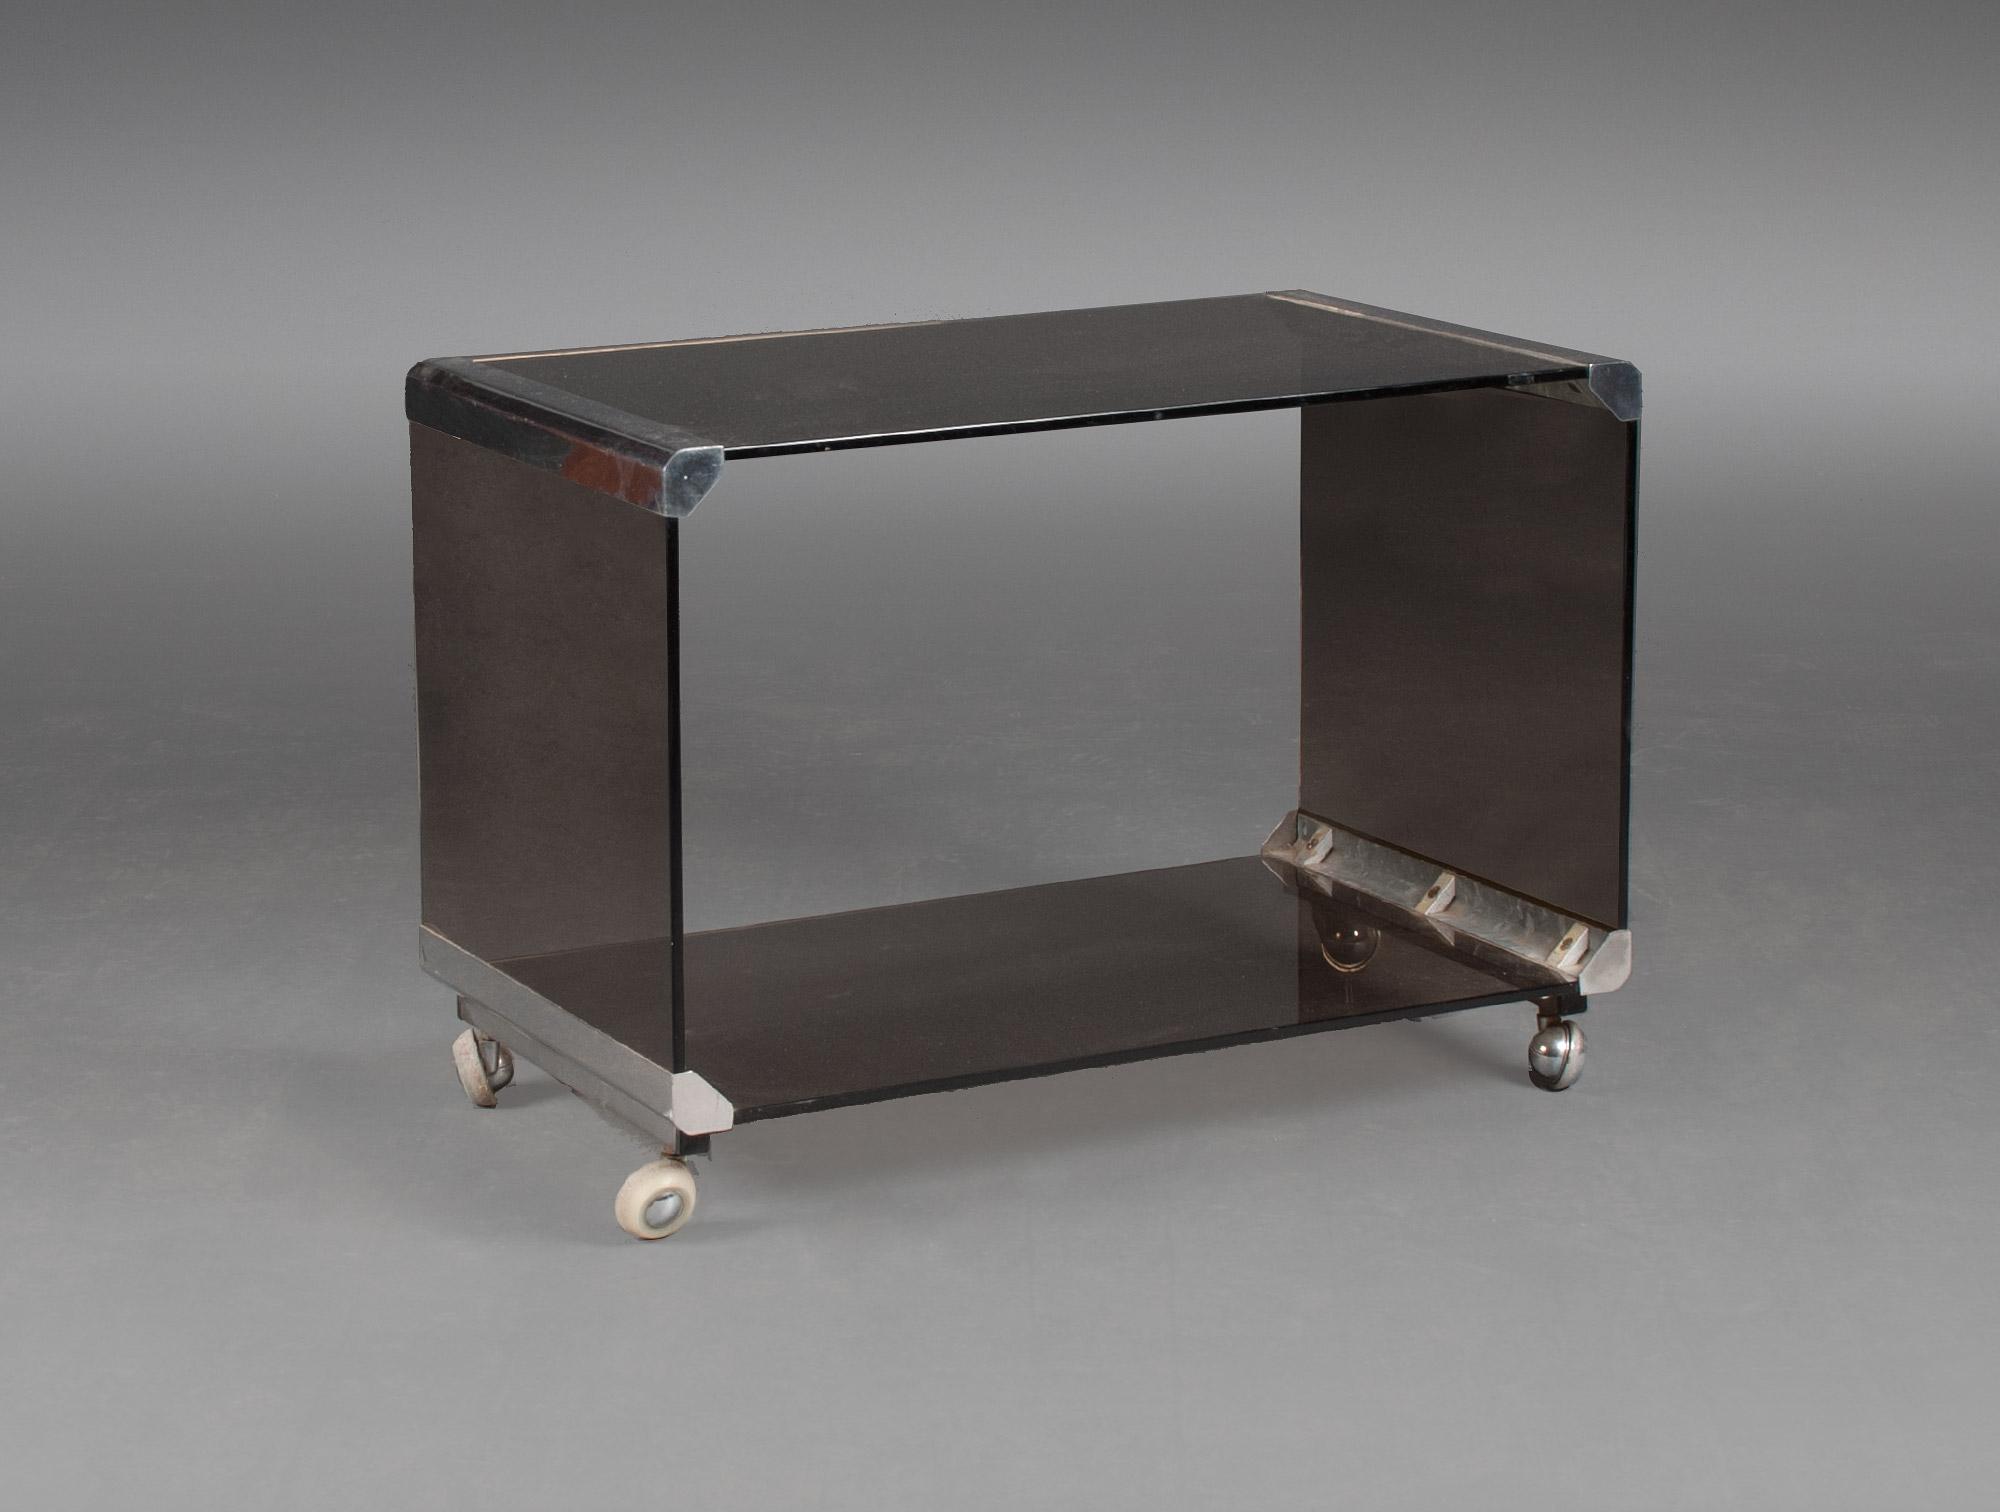 Petite Table Basse Roulante Soubrier Louer Tables Bureaux Table